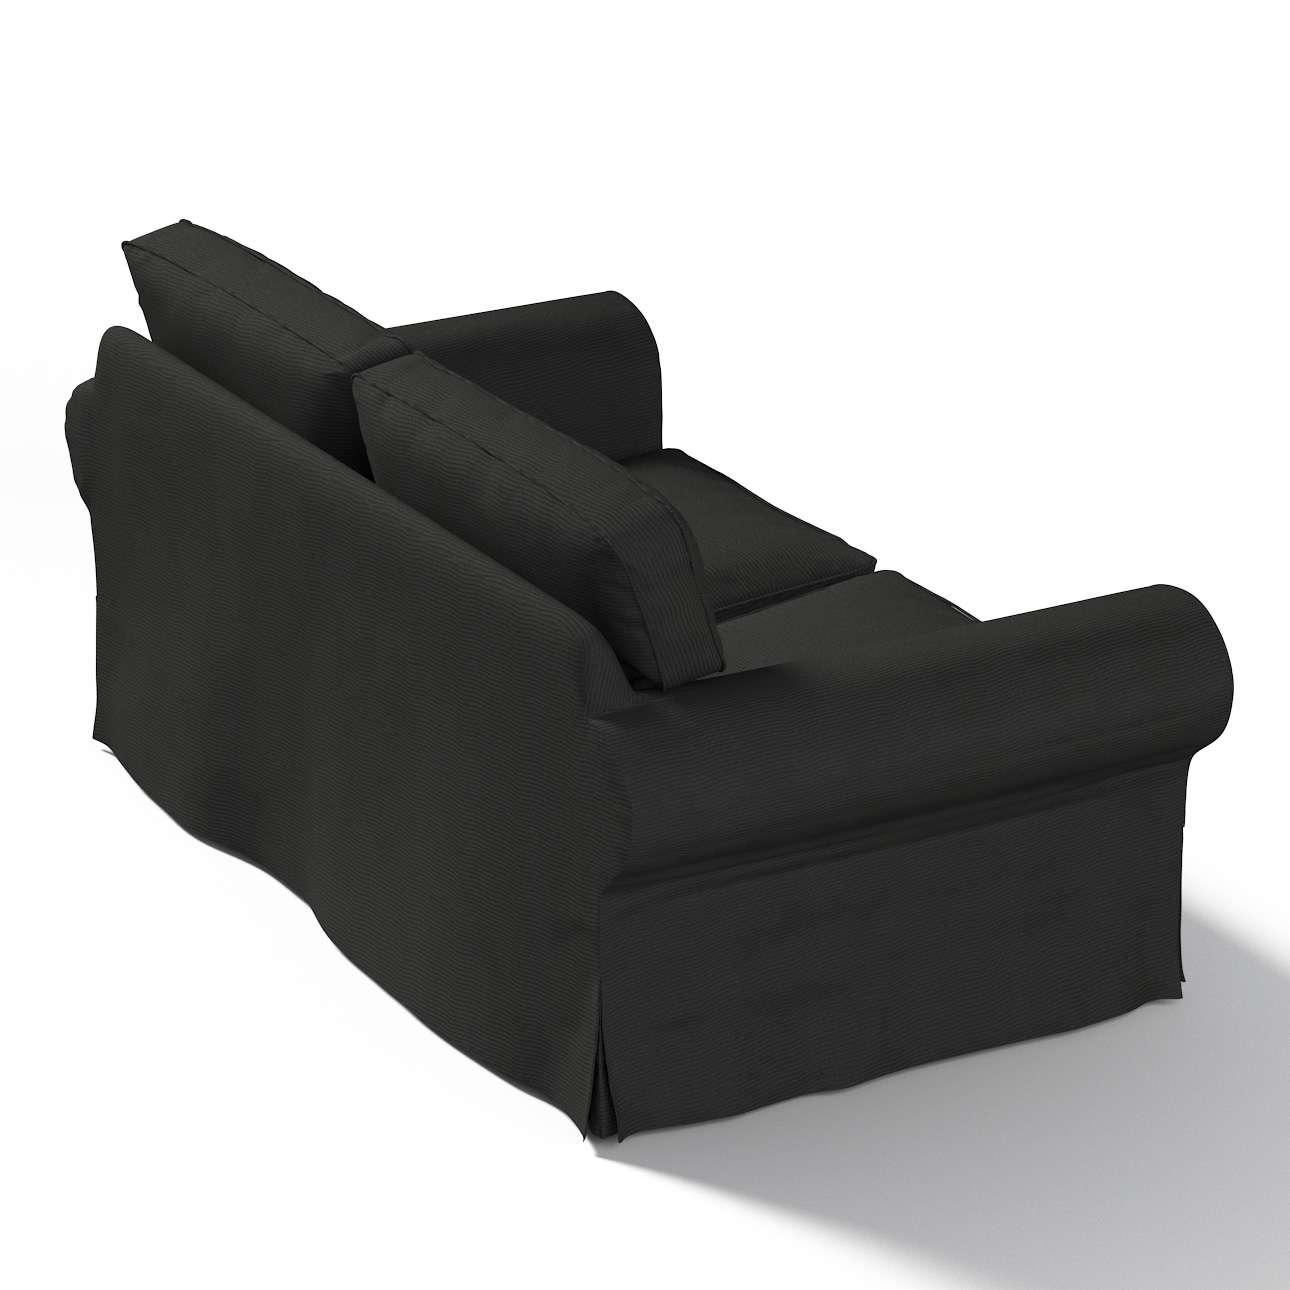 Potah na pohovku IKEA  Ektorp 2-místná, nerozkládací pohovka Ektorp 2-místná v kolekci Etna, látka: 705-00